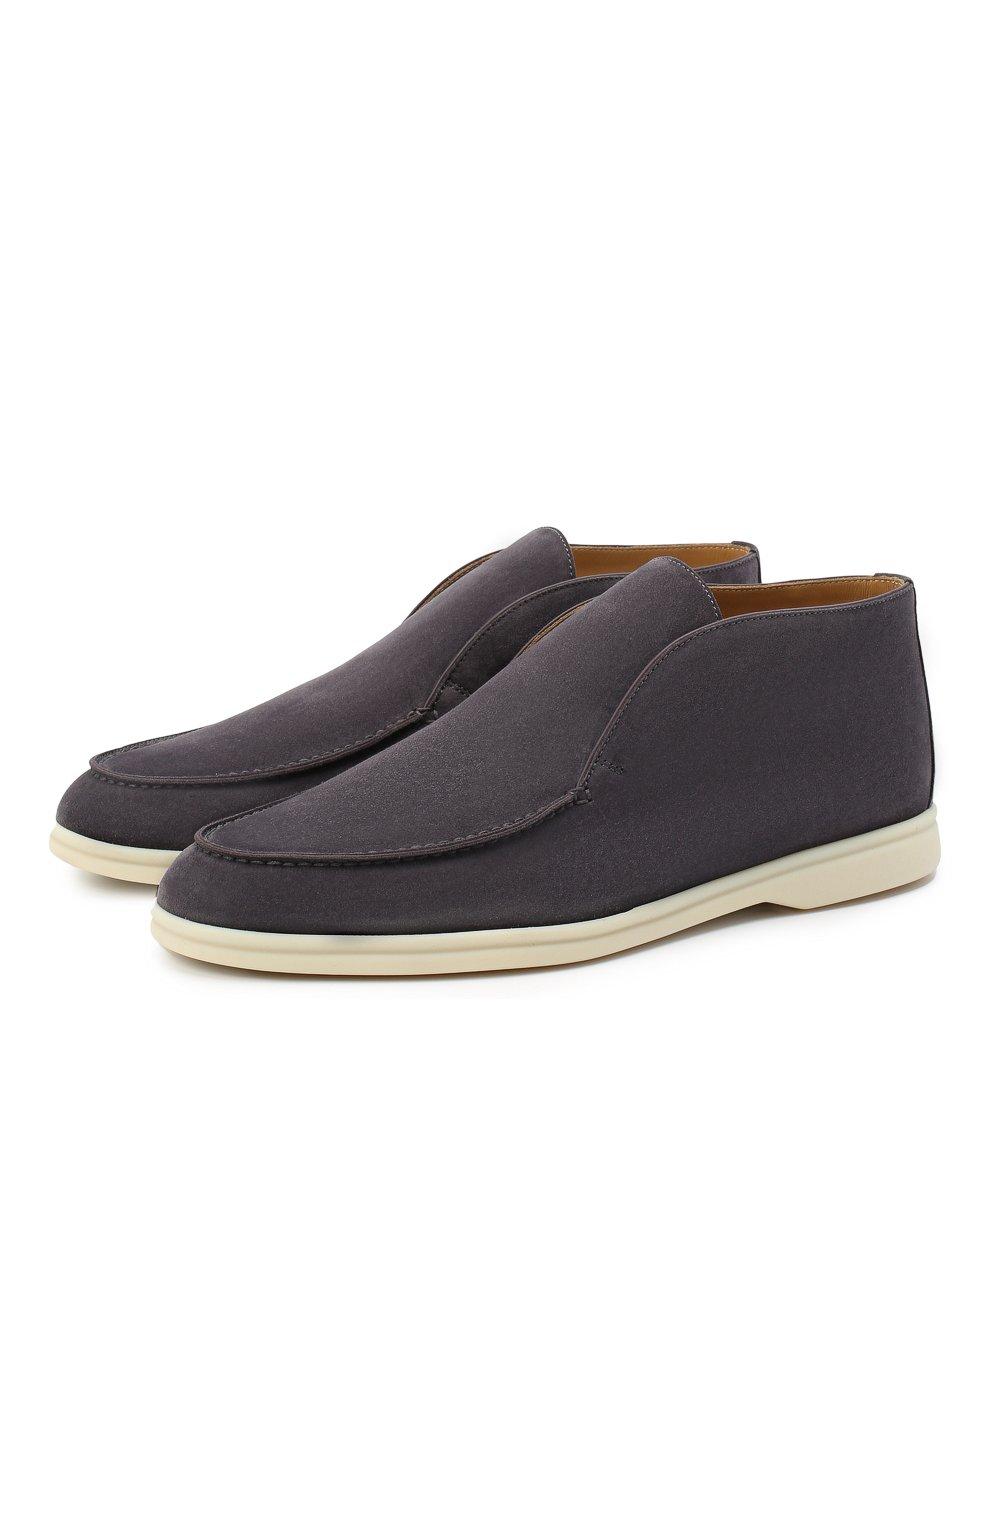 Мужские замшевые ботинки open walk LORO PIANA серого цвета, арт. FAB4368 | Фото 1 (Мужское Кросс-КТ: Ботинки-обувь; Материал внутренний: Натуральная кожа; Подошва: Плоская; Материал внешний: Замша)